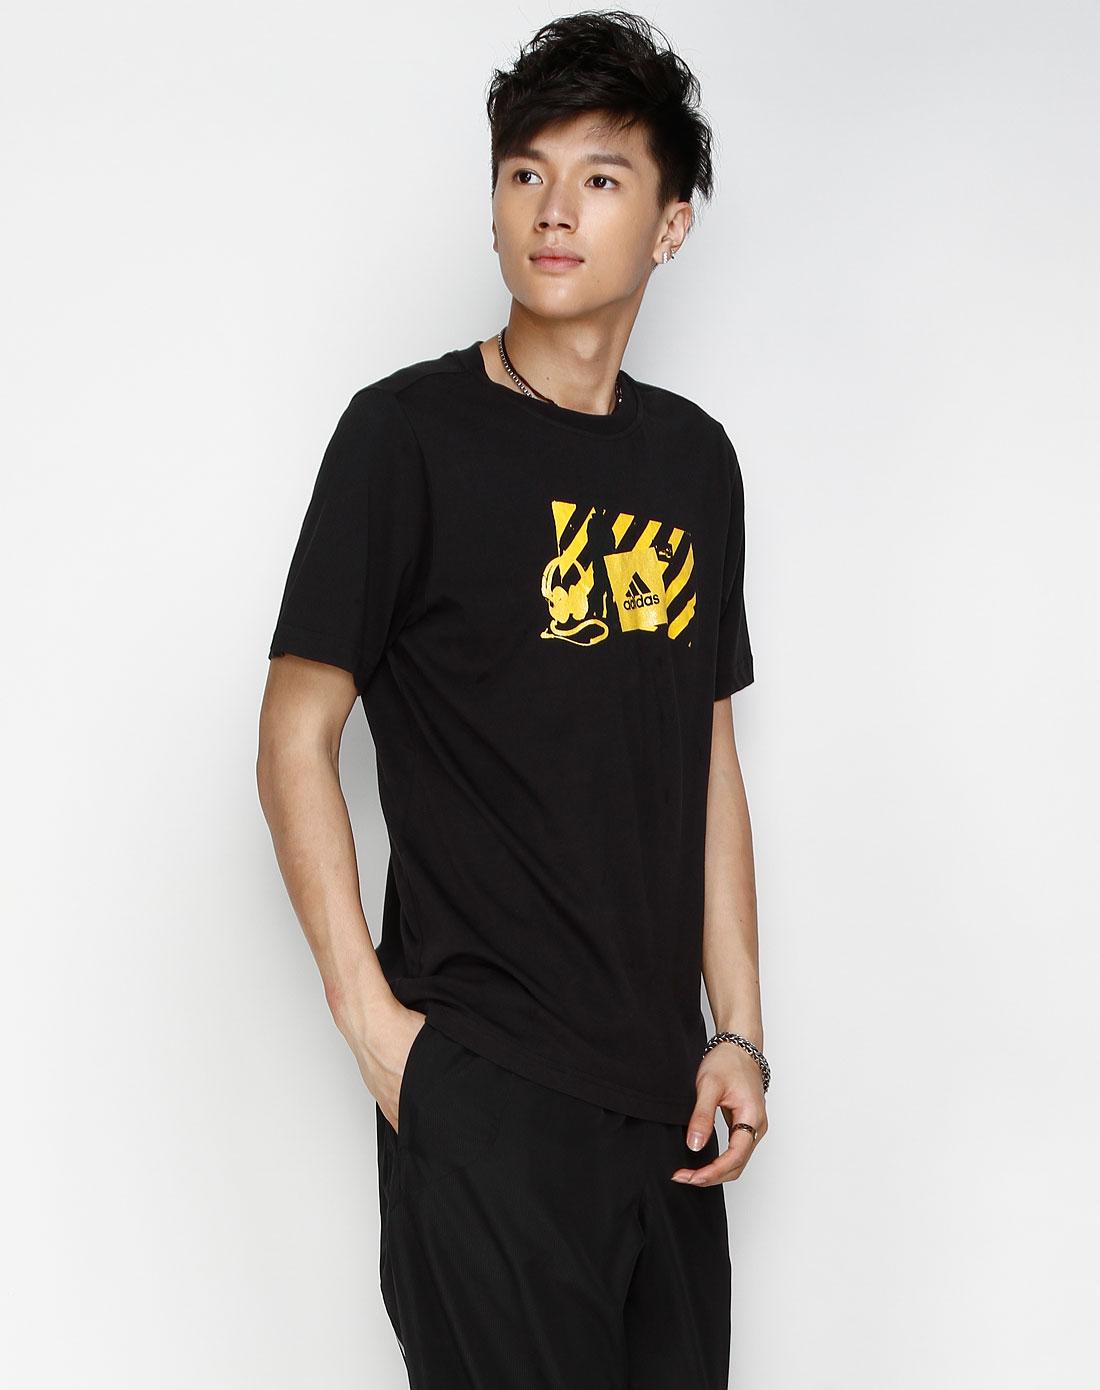 sp 男款 黑/黄色休闲短袖t恤